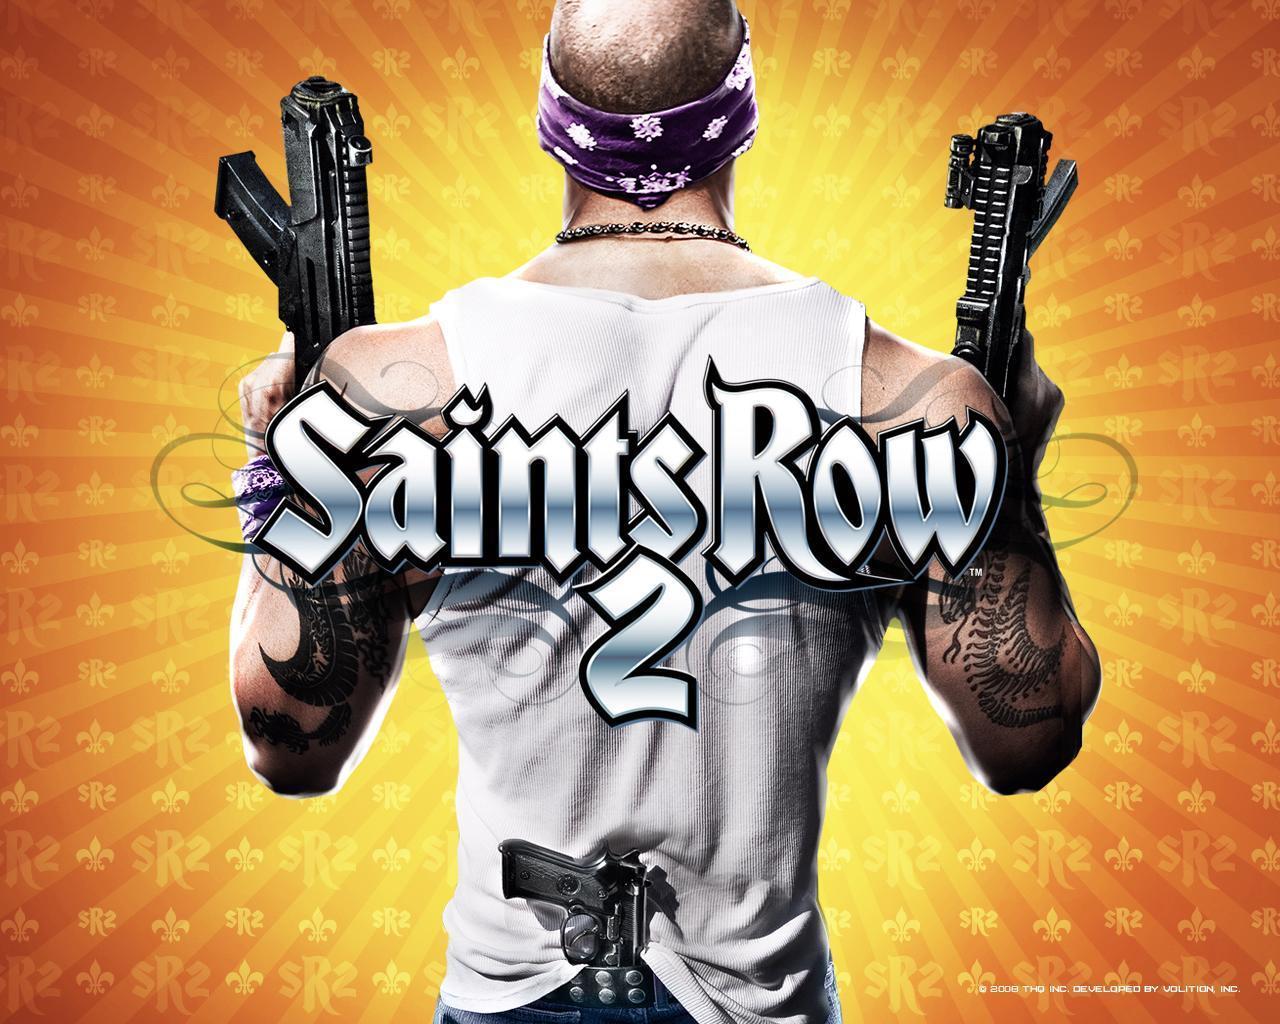 http://4.bp.blogspot.com/-gdK0-EeeyG0/UGYN0dvH_pI/AAAAAAAAAEw/-B47uwOwOAM/s1600/Saints-Row-2.jpg